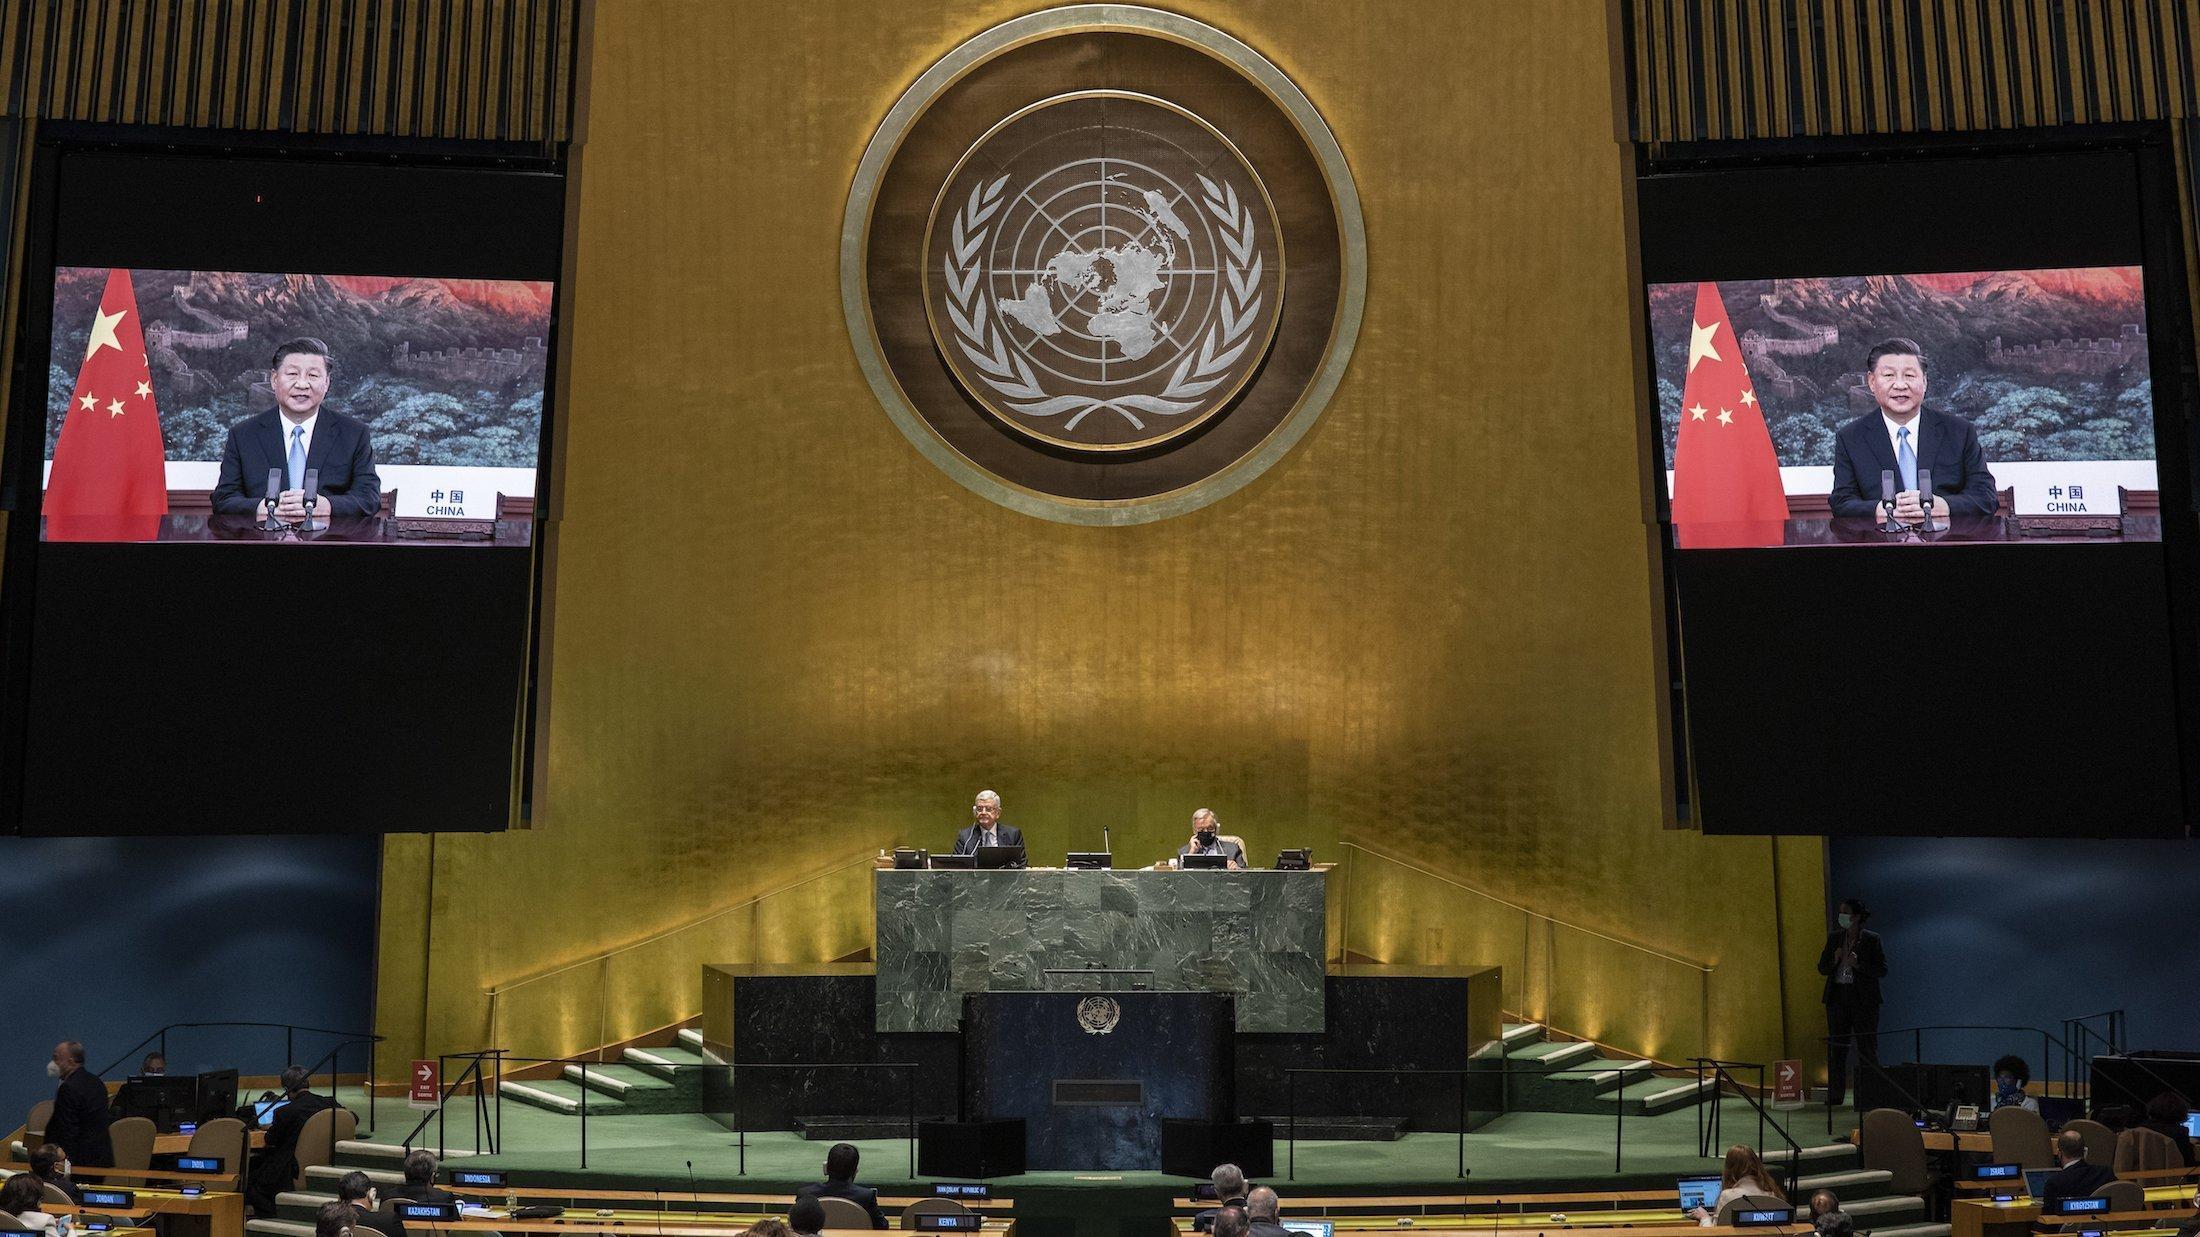 Das Bild zeigt den Plenarsaal der Vereinten Nationen mit seiner goldfarbenen Frontseite und den mächtigen Säulen während der laufenden Generalversammlung. Der Saal ist aber nur spärlich besetzt, weil wegen der Corona-Pandemie die Staats- und Regierungschefs von zuhause aus sprechen.